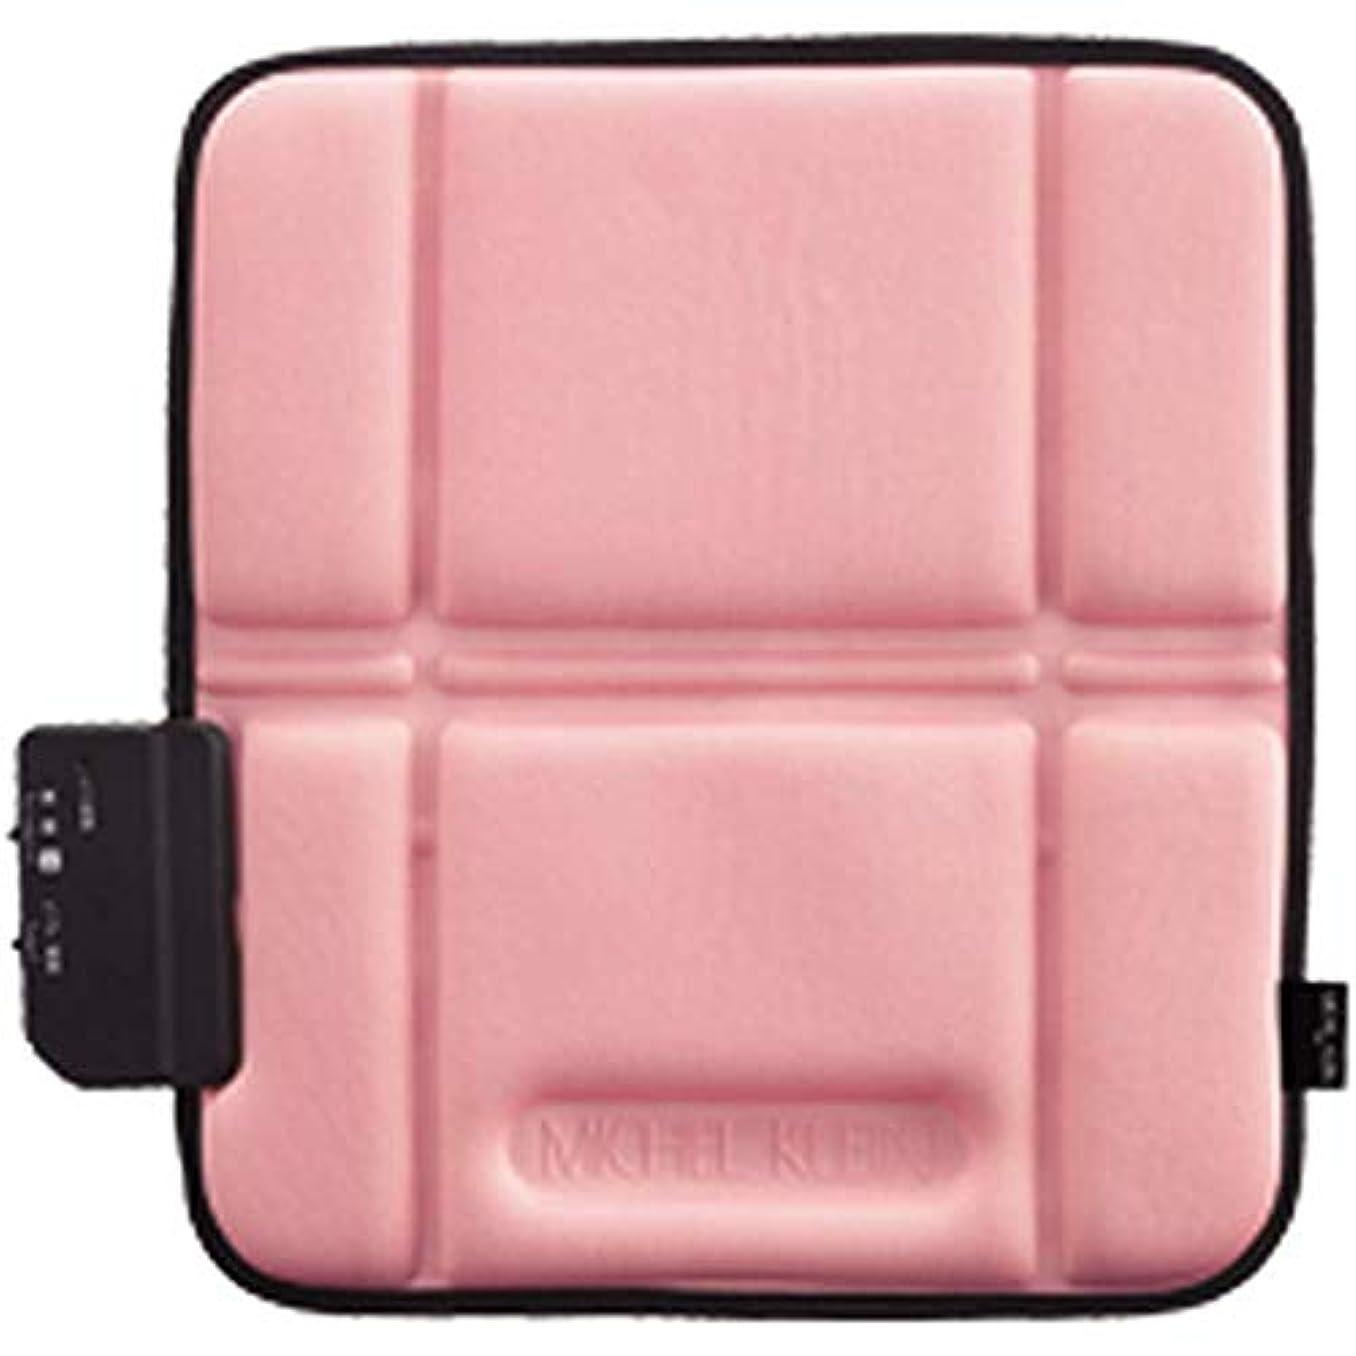 添加剤によって入札TWINBIRD シートマッサージャー S ピンク ミッシェル クラン シートマッサージャー i001